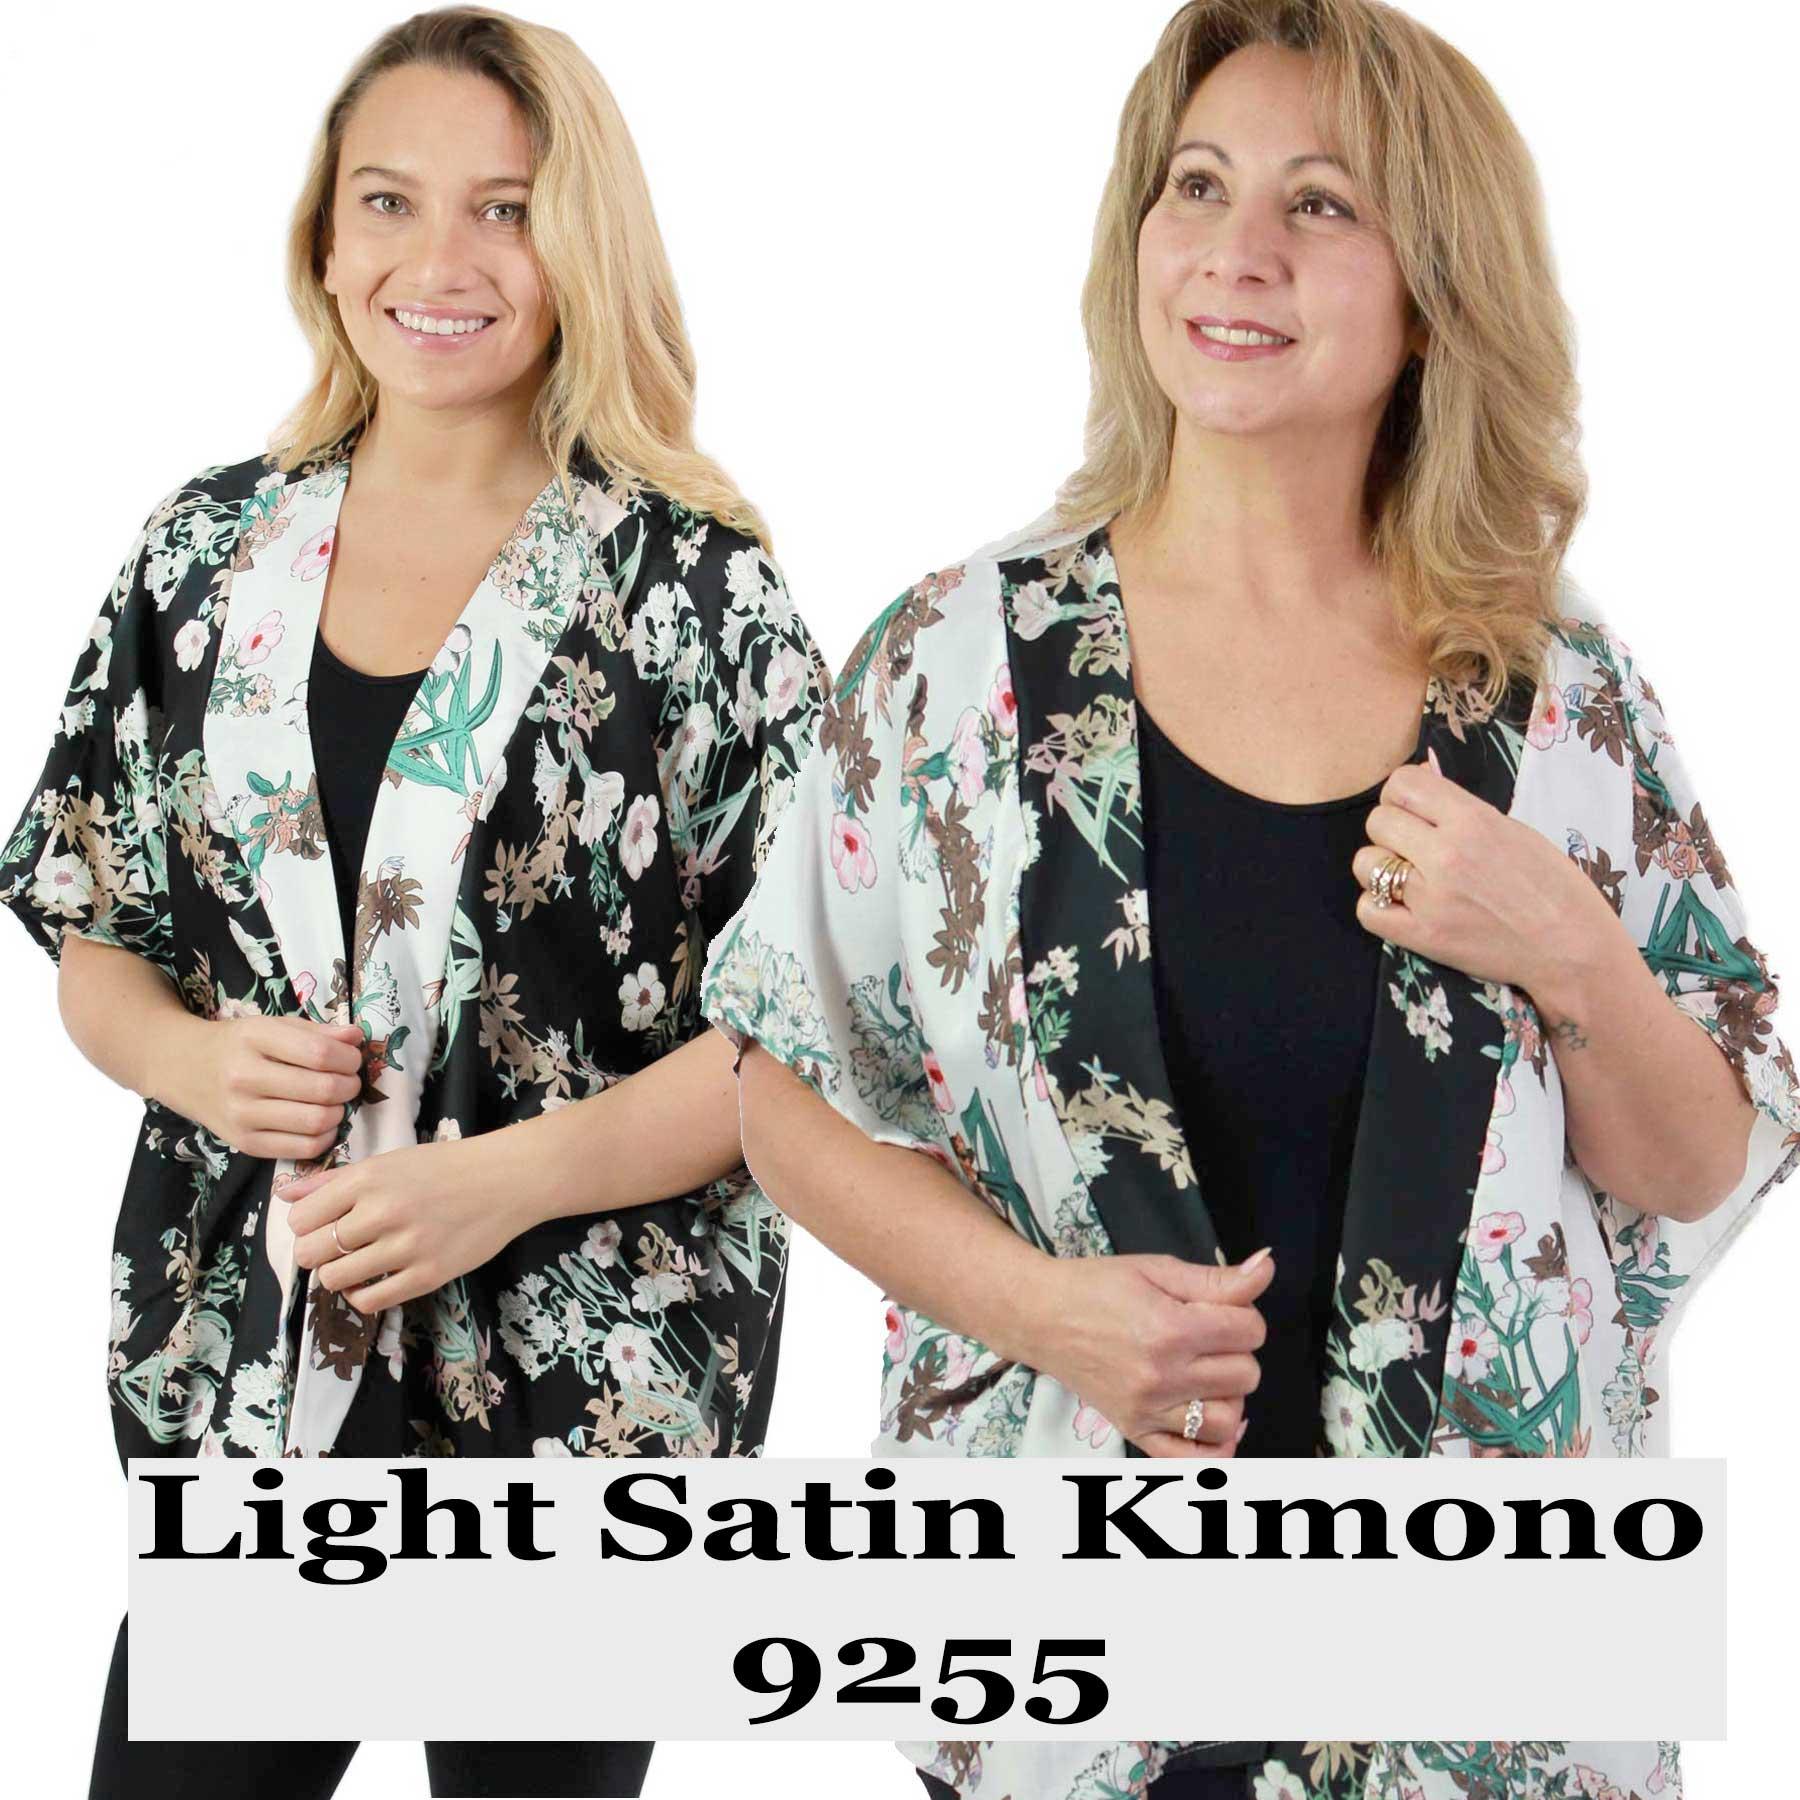 Kimono - Light Satin - Flower Print 9255